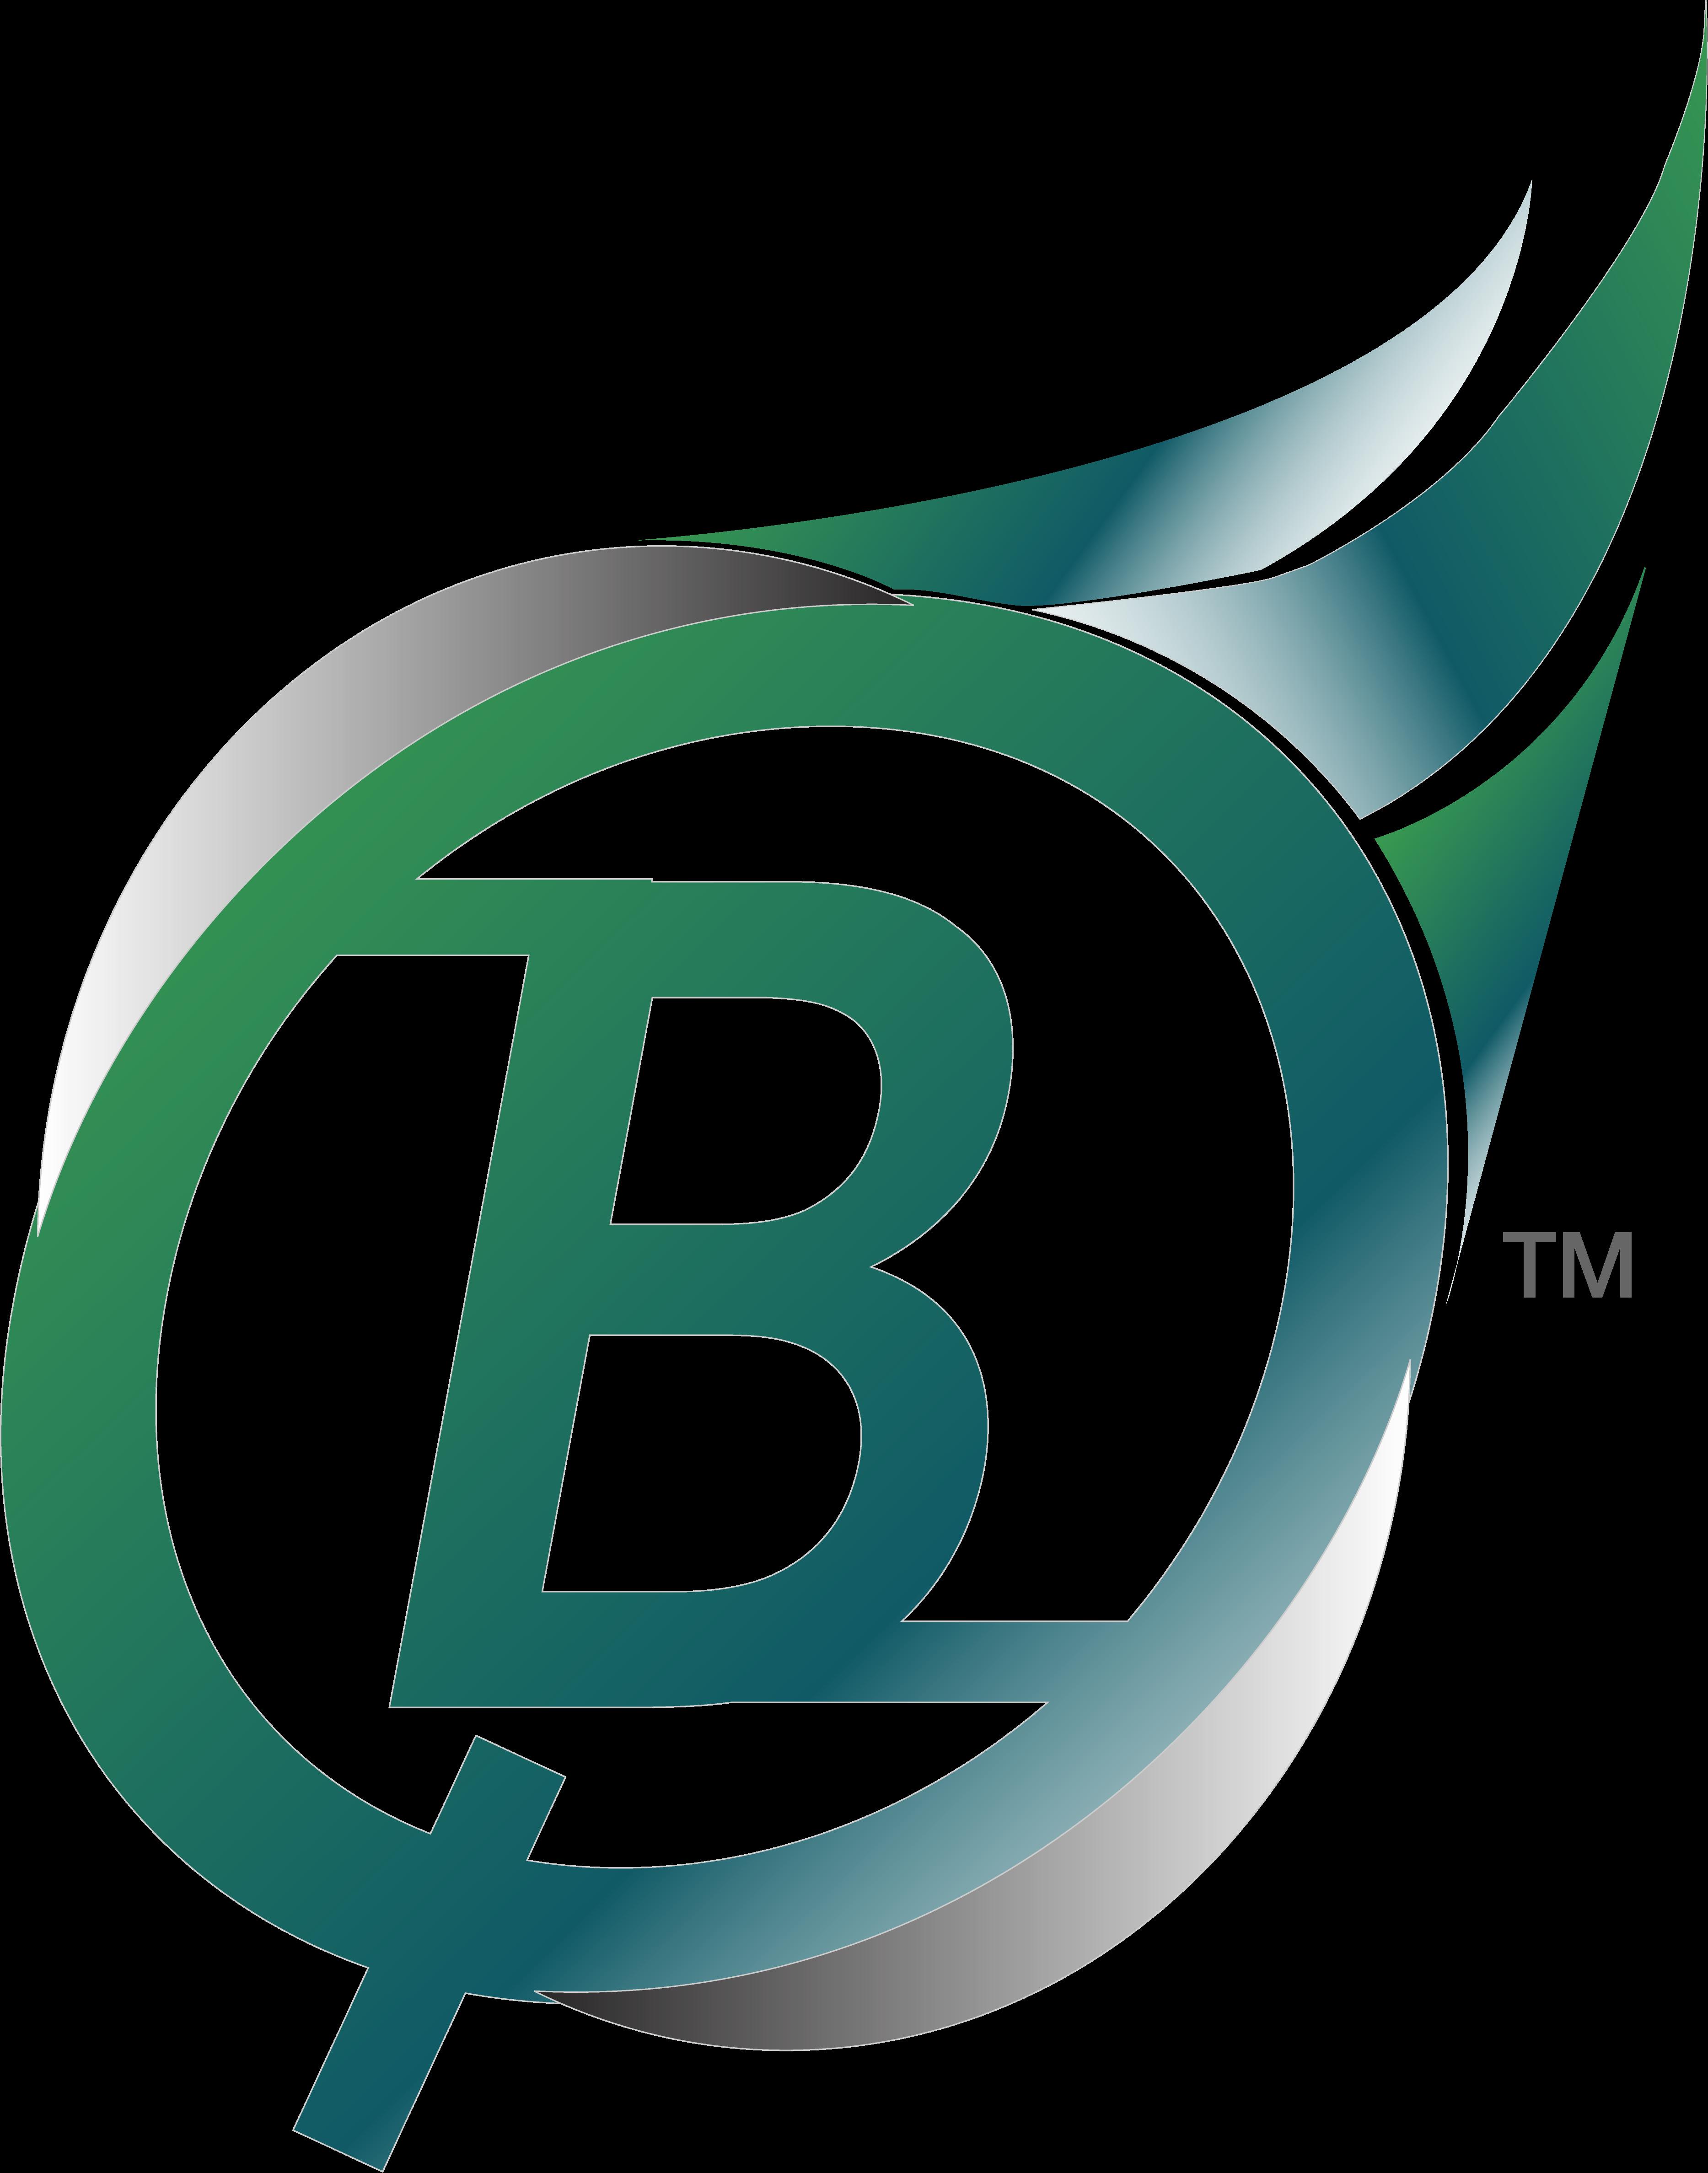 Bible quiz color logo